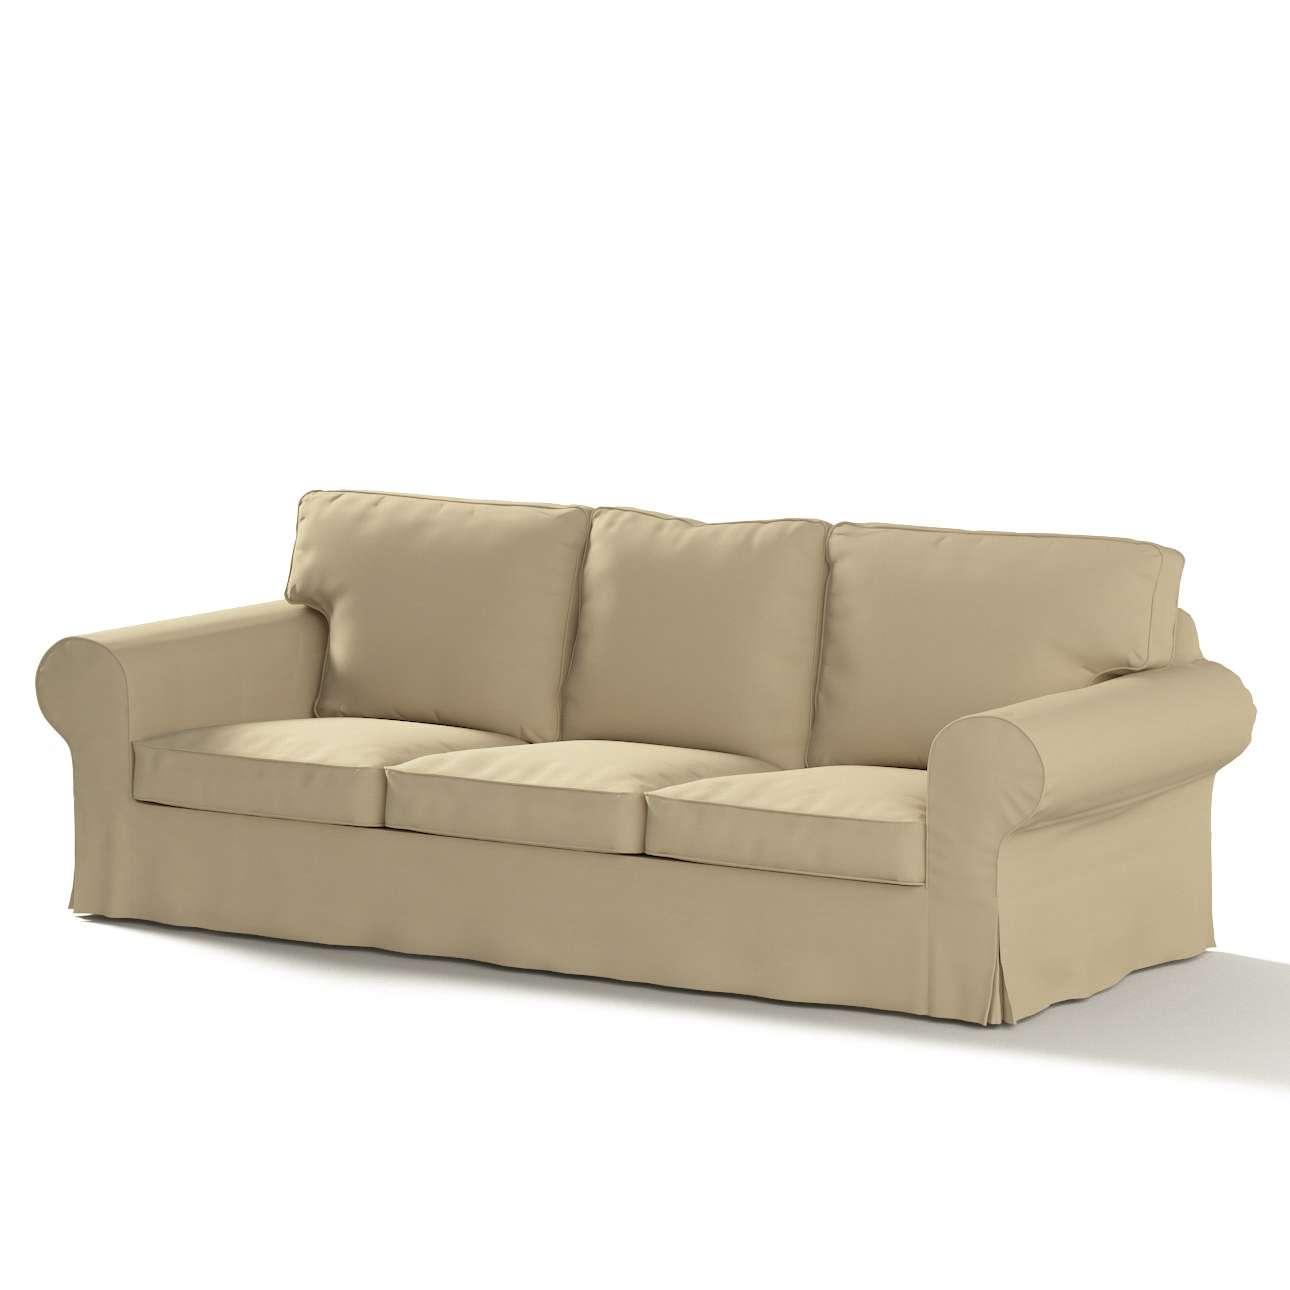 Pokrowiec na sofę Ektorp 3-osobową, rozkładaną, PIXBO w kolekcji Cotton Panama, tkanina: 702-01